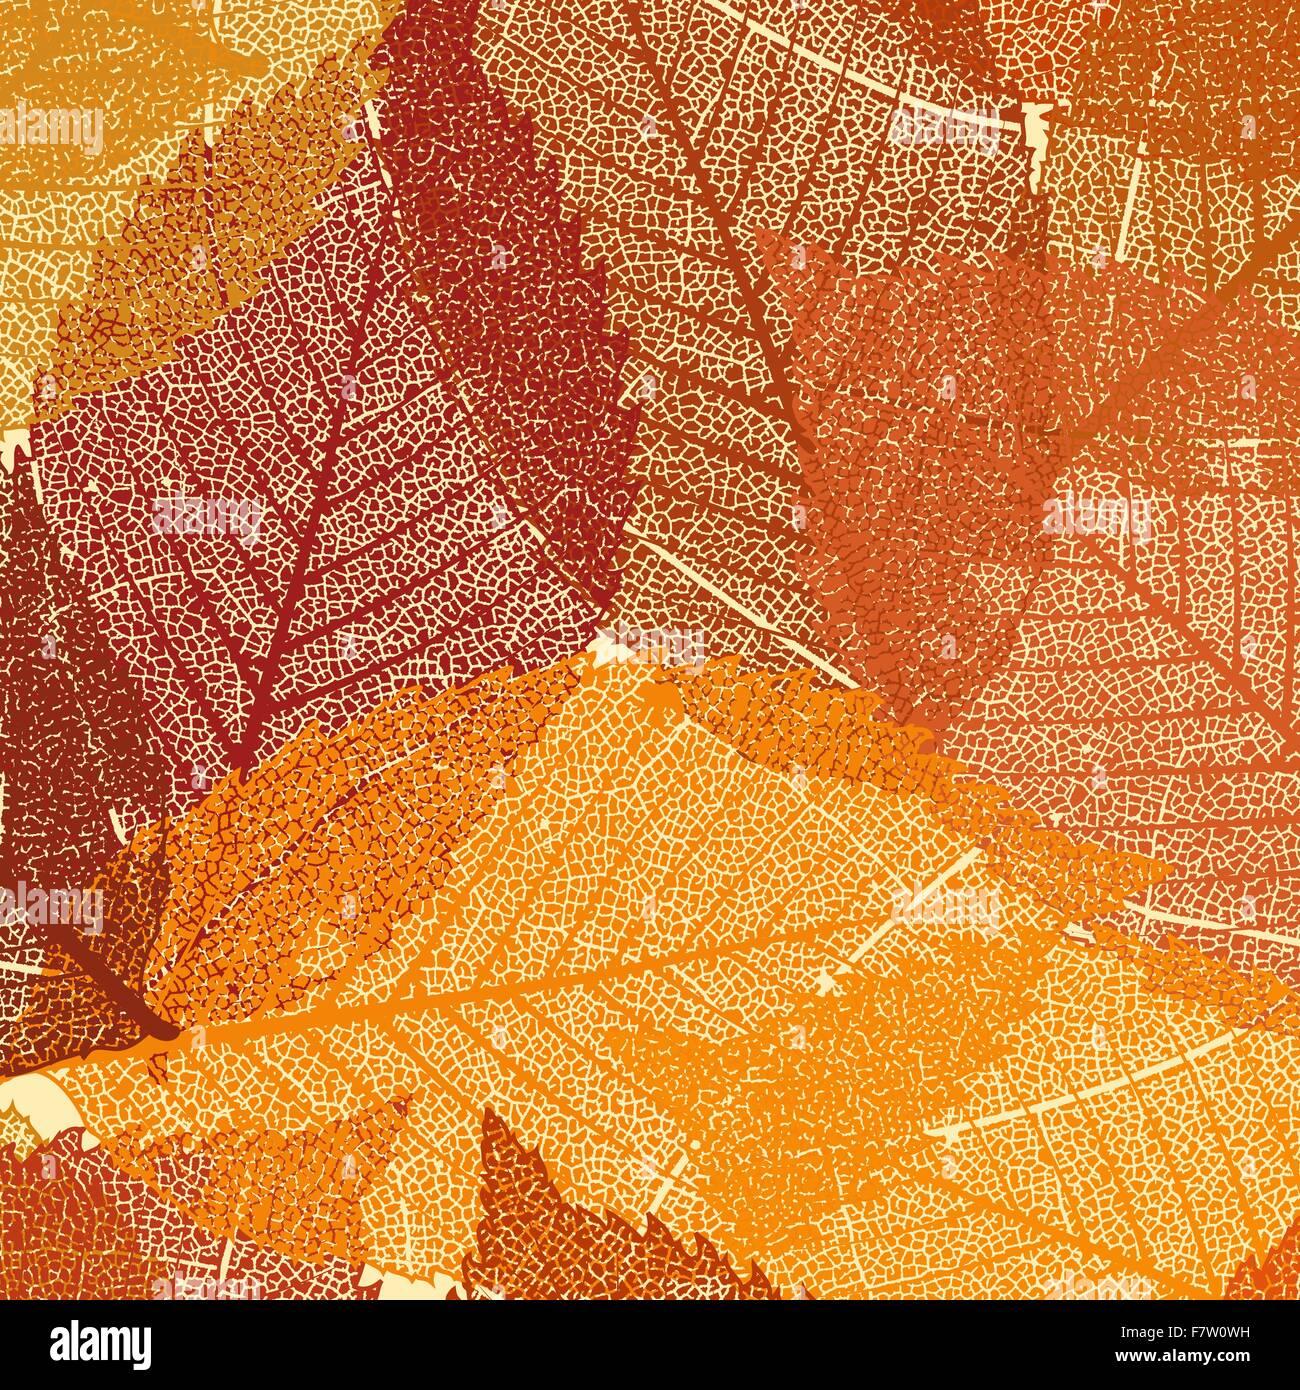 Skeleton Leaf Background Stockfotos & Skeleton Leaf Background ...